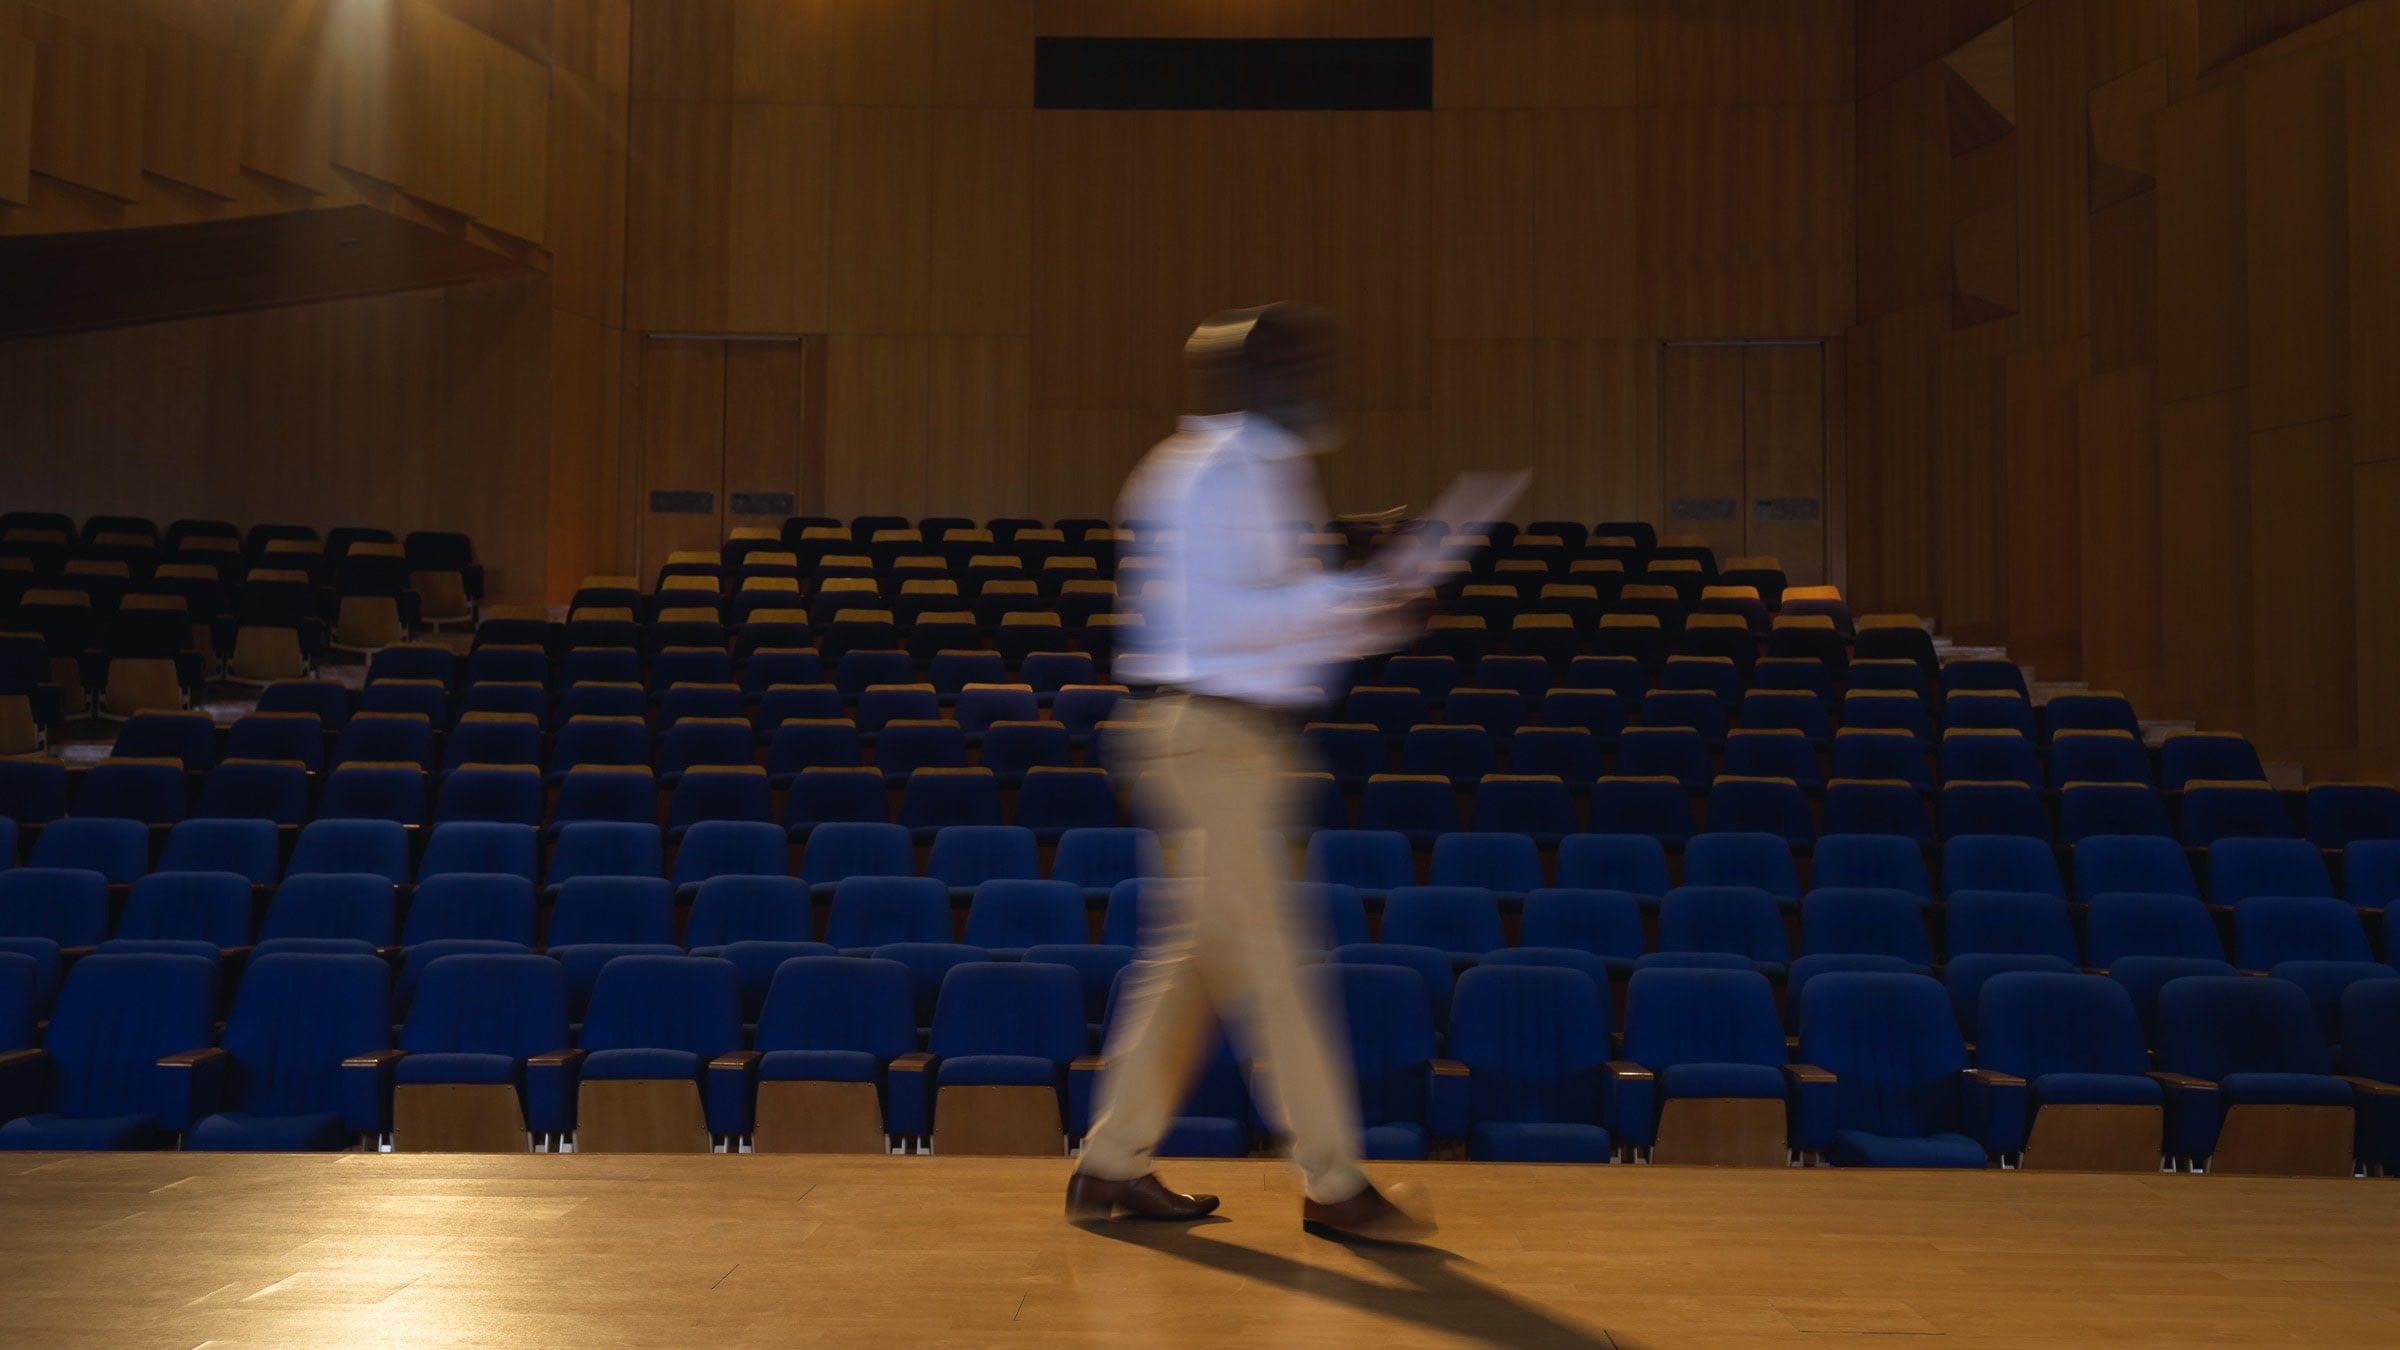 Man walking on stage